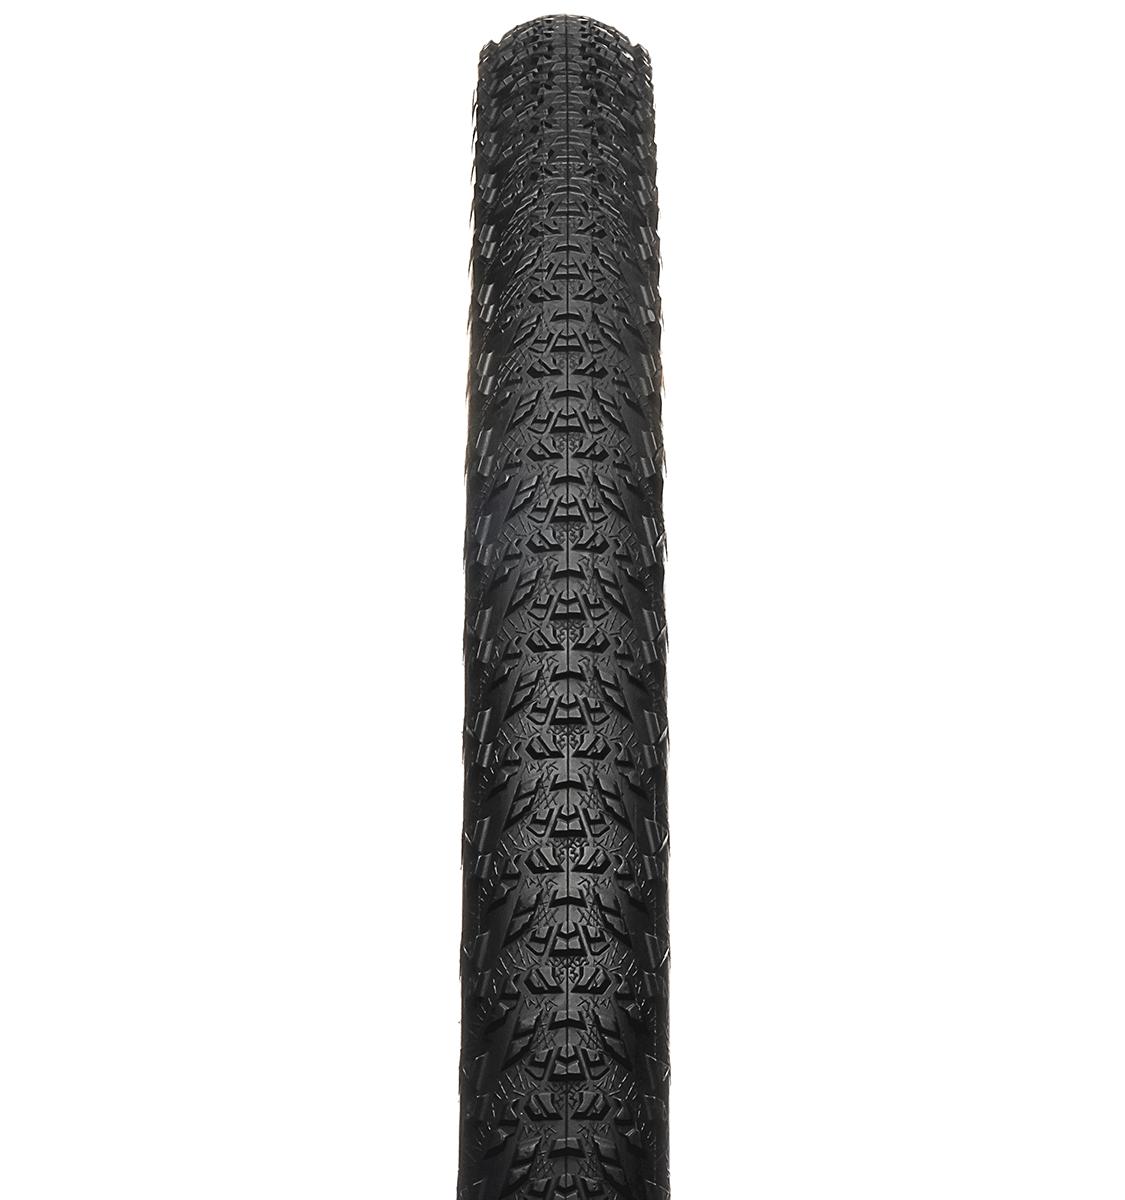 gravel-cx-bike-tire-hutchinson-black-mamba-cx-2